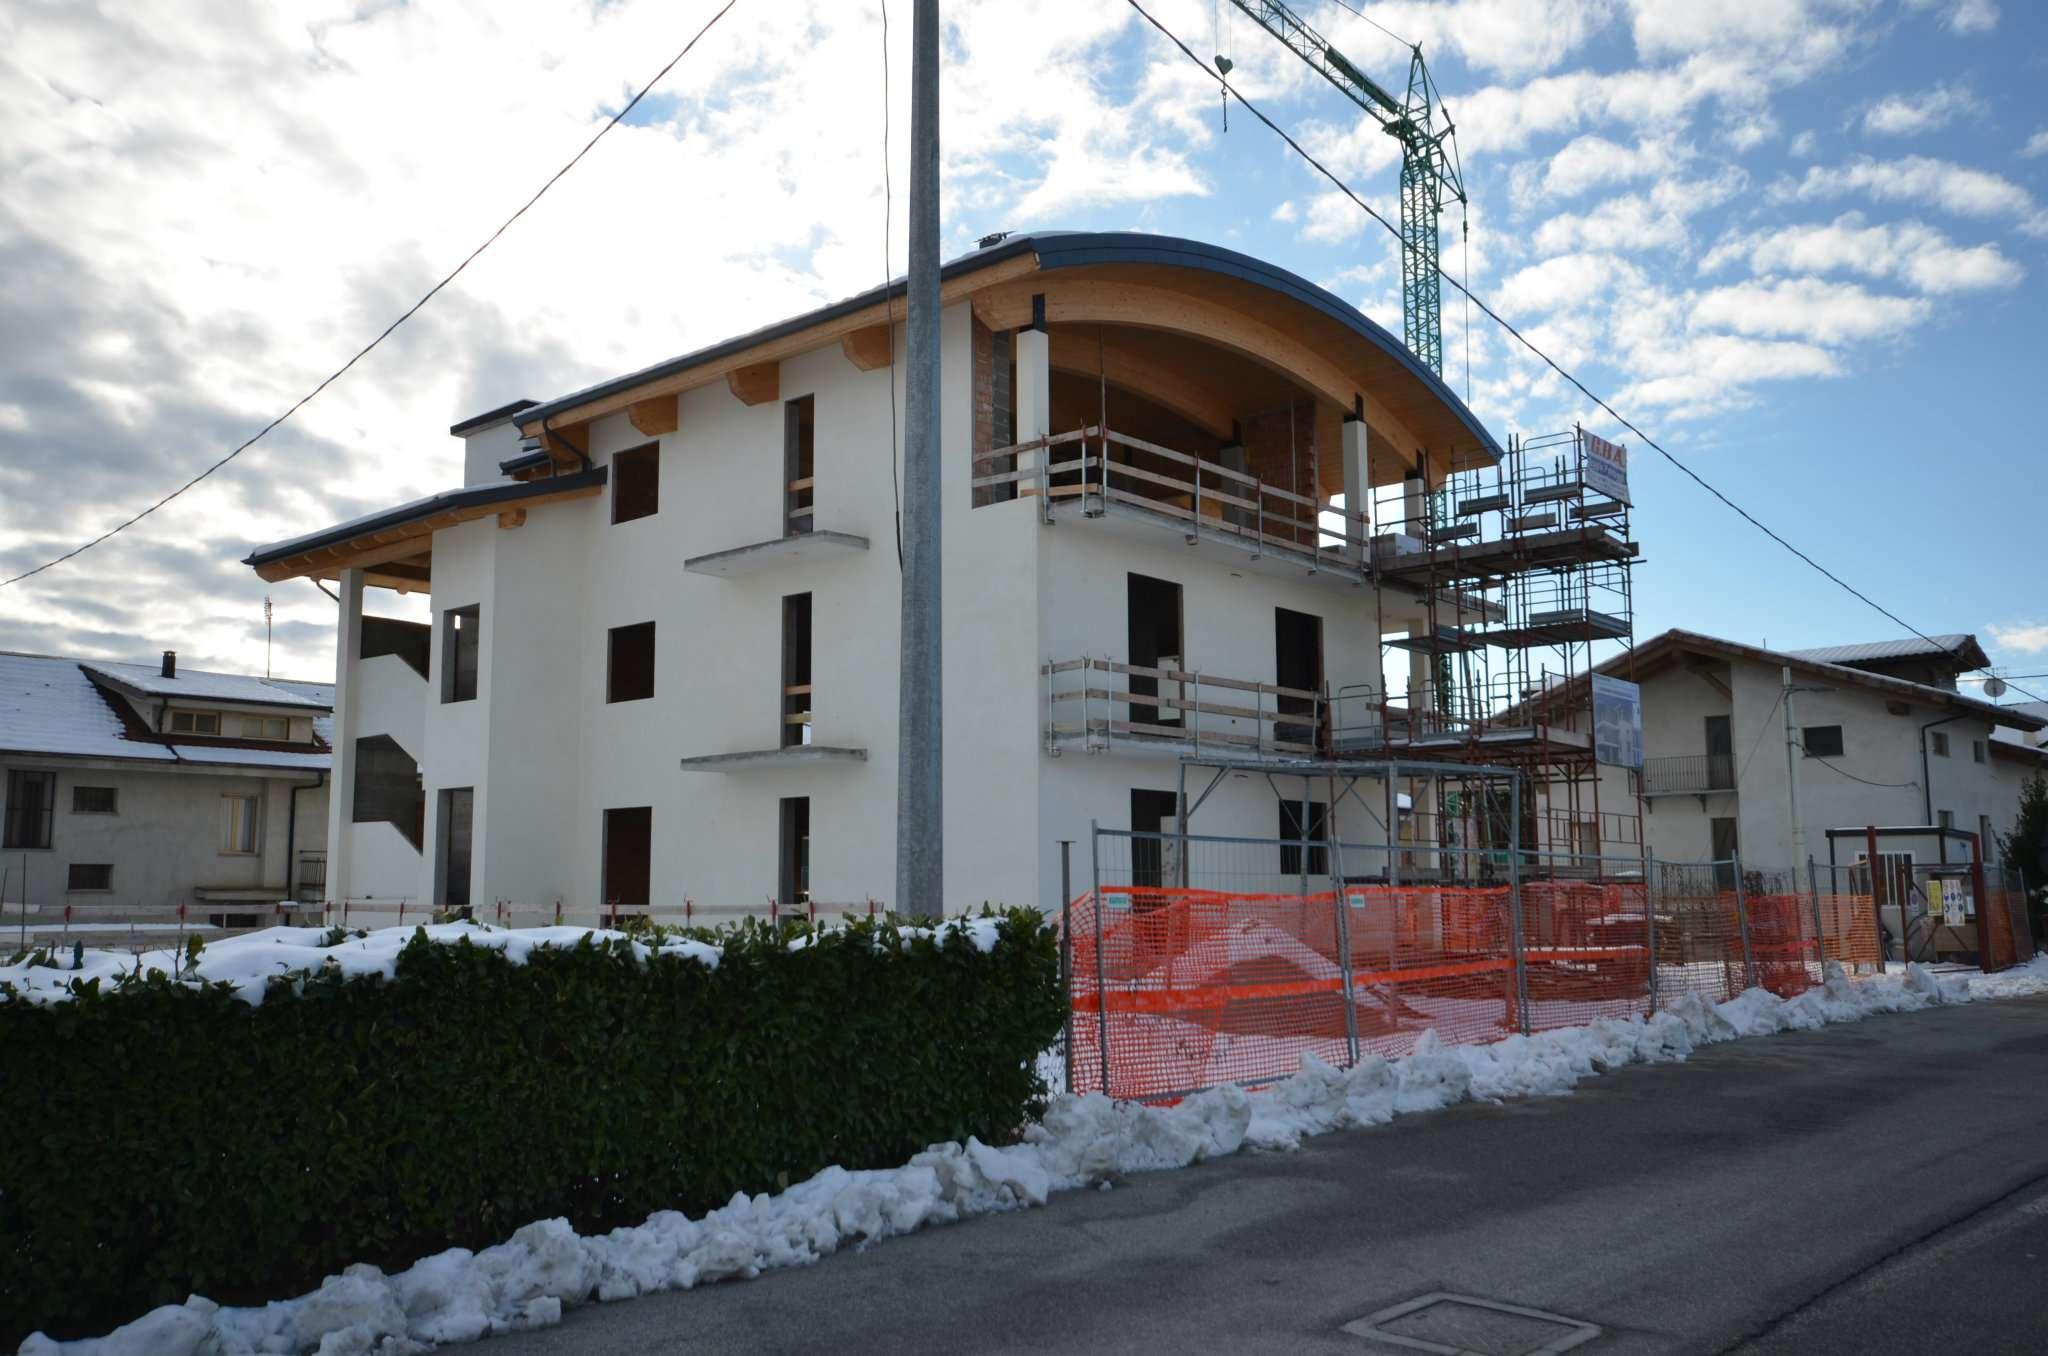 Appartamento in vendita a Borgo San Dalmazzo, 4 locali, prezzo € 240.000 | CambioCasa.it